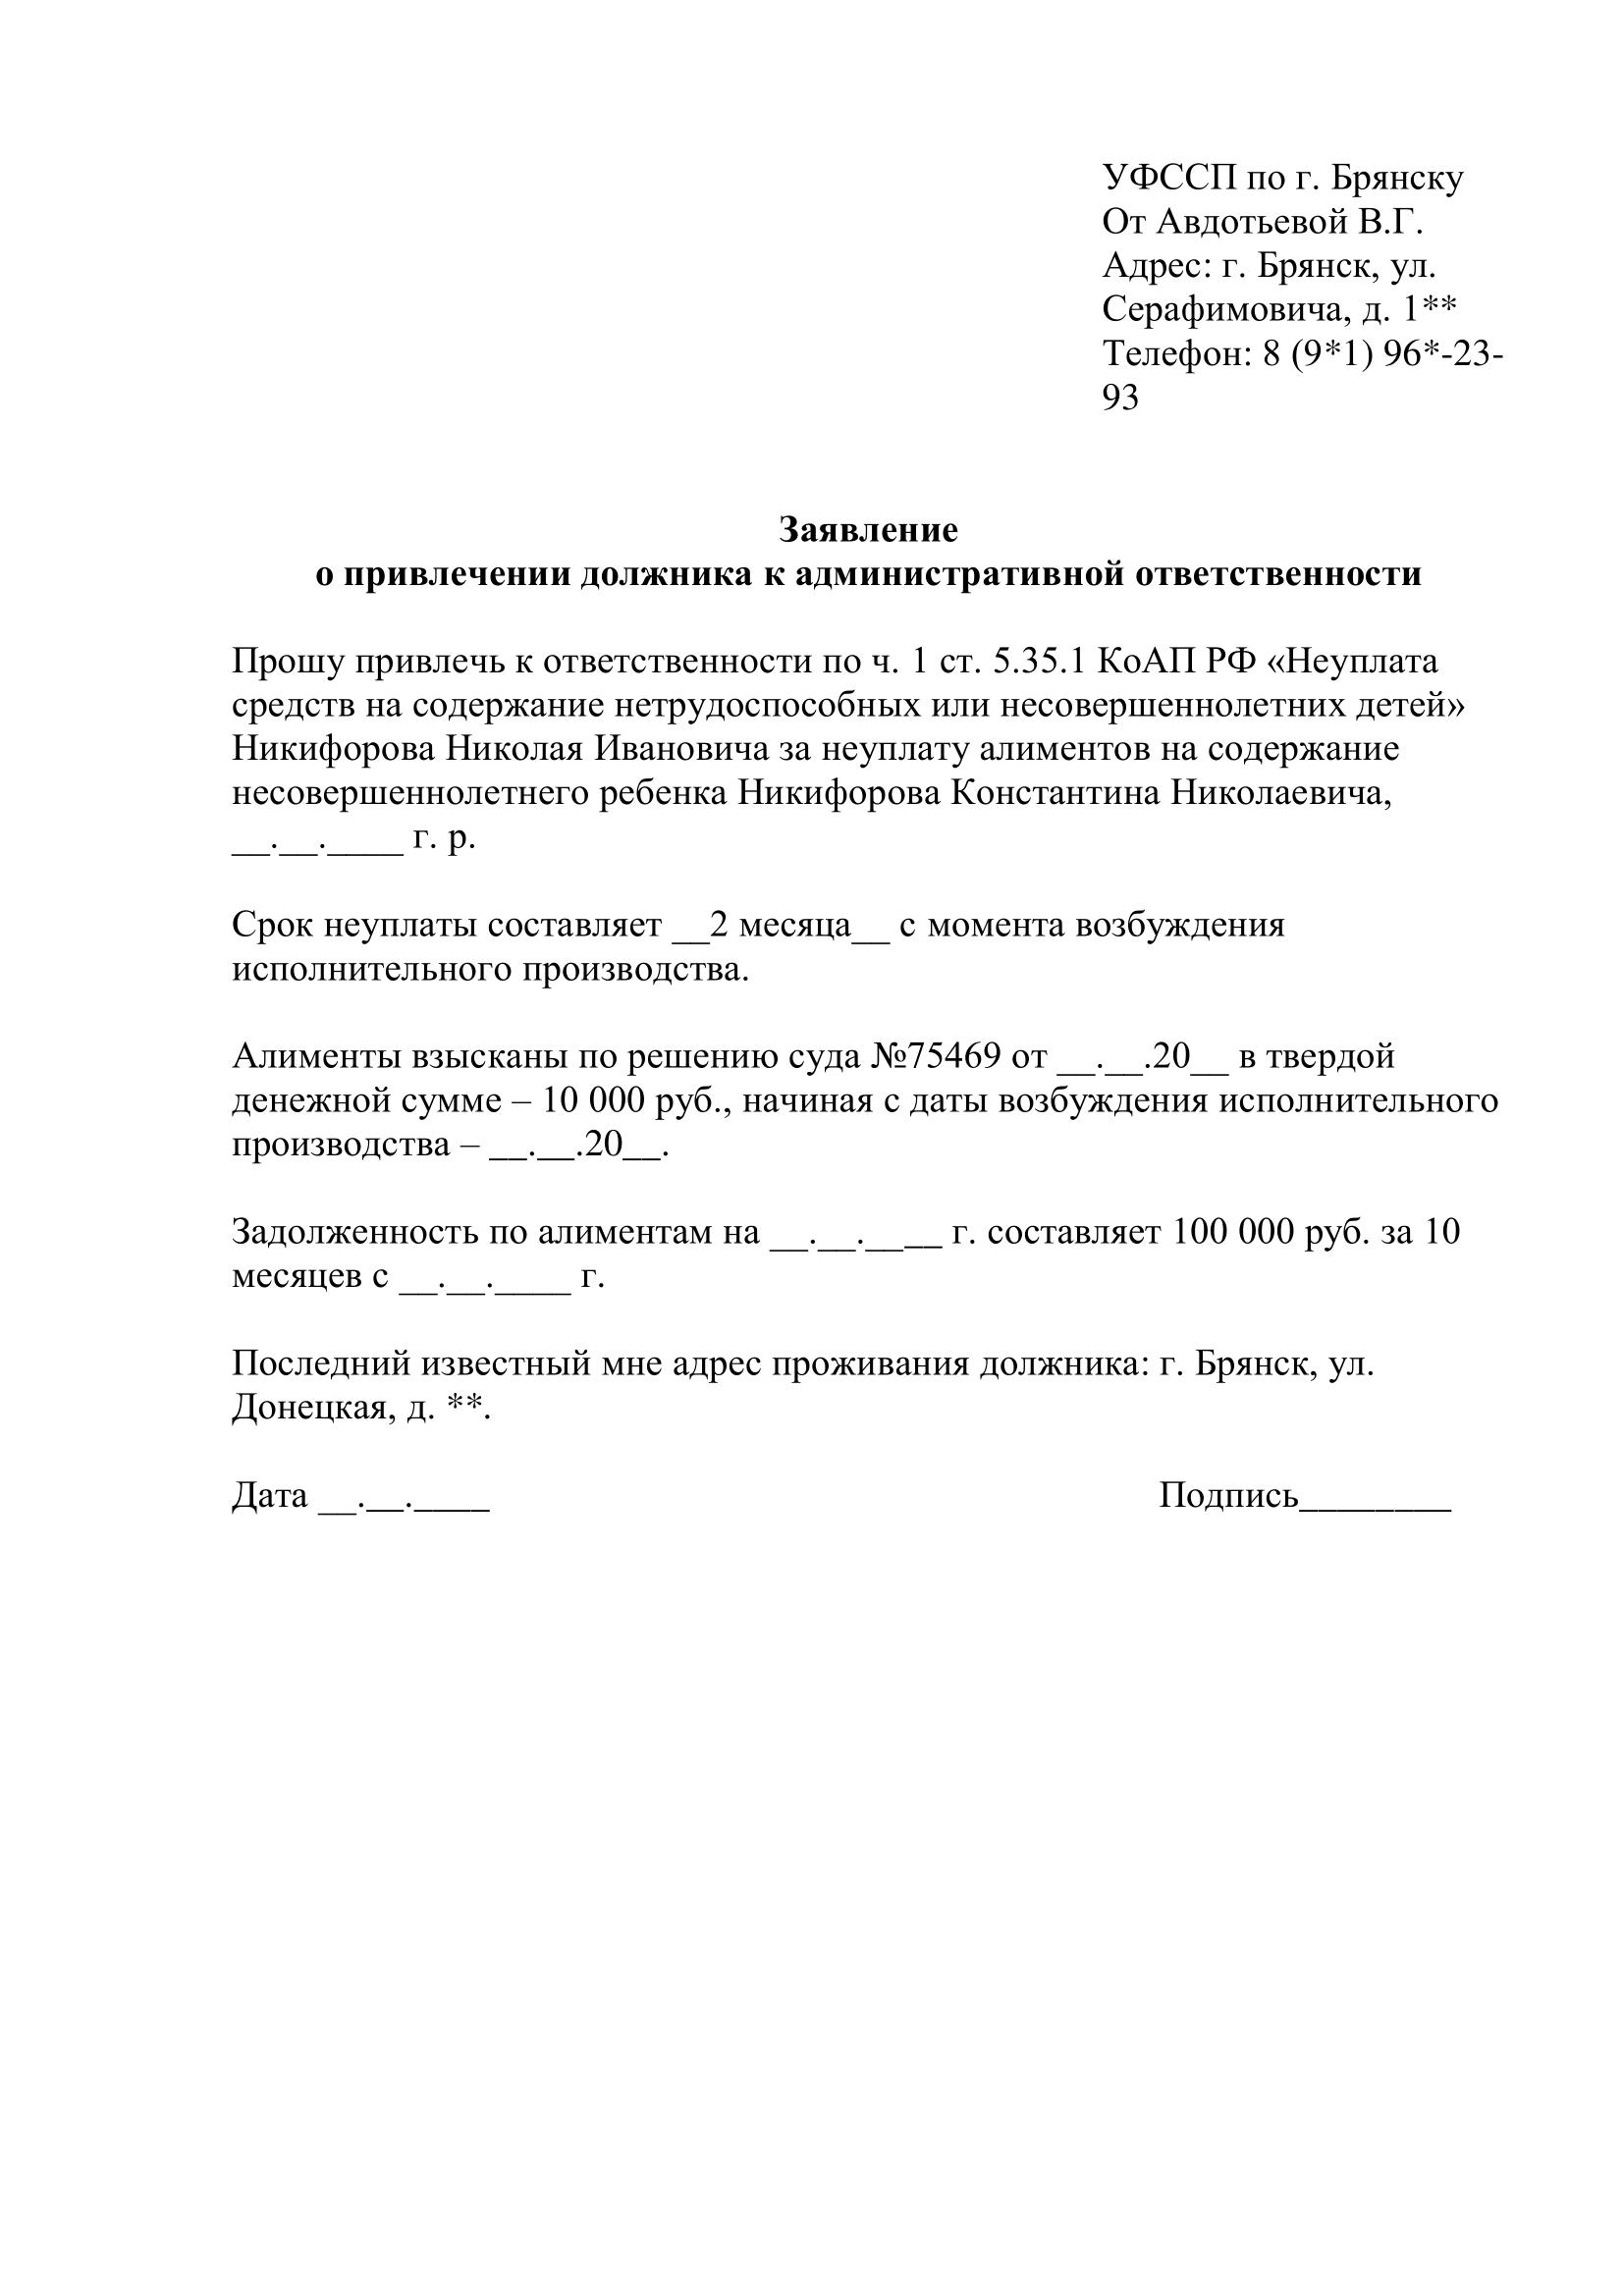 Заявление о привлечении должника к административной ответственности (за неуплату алиментов)